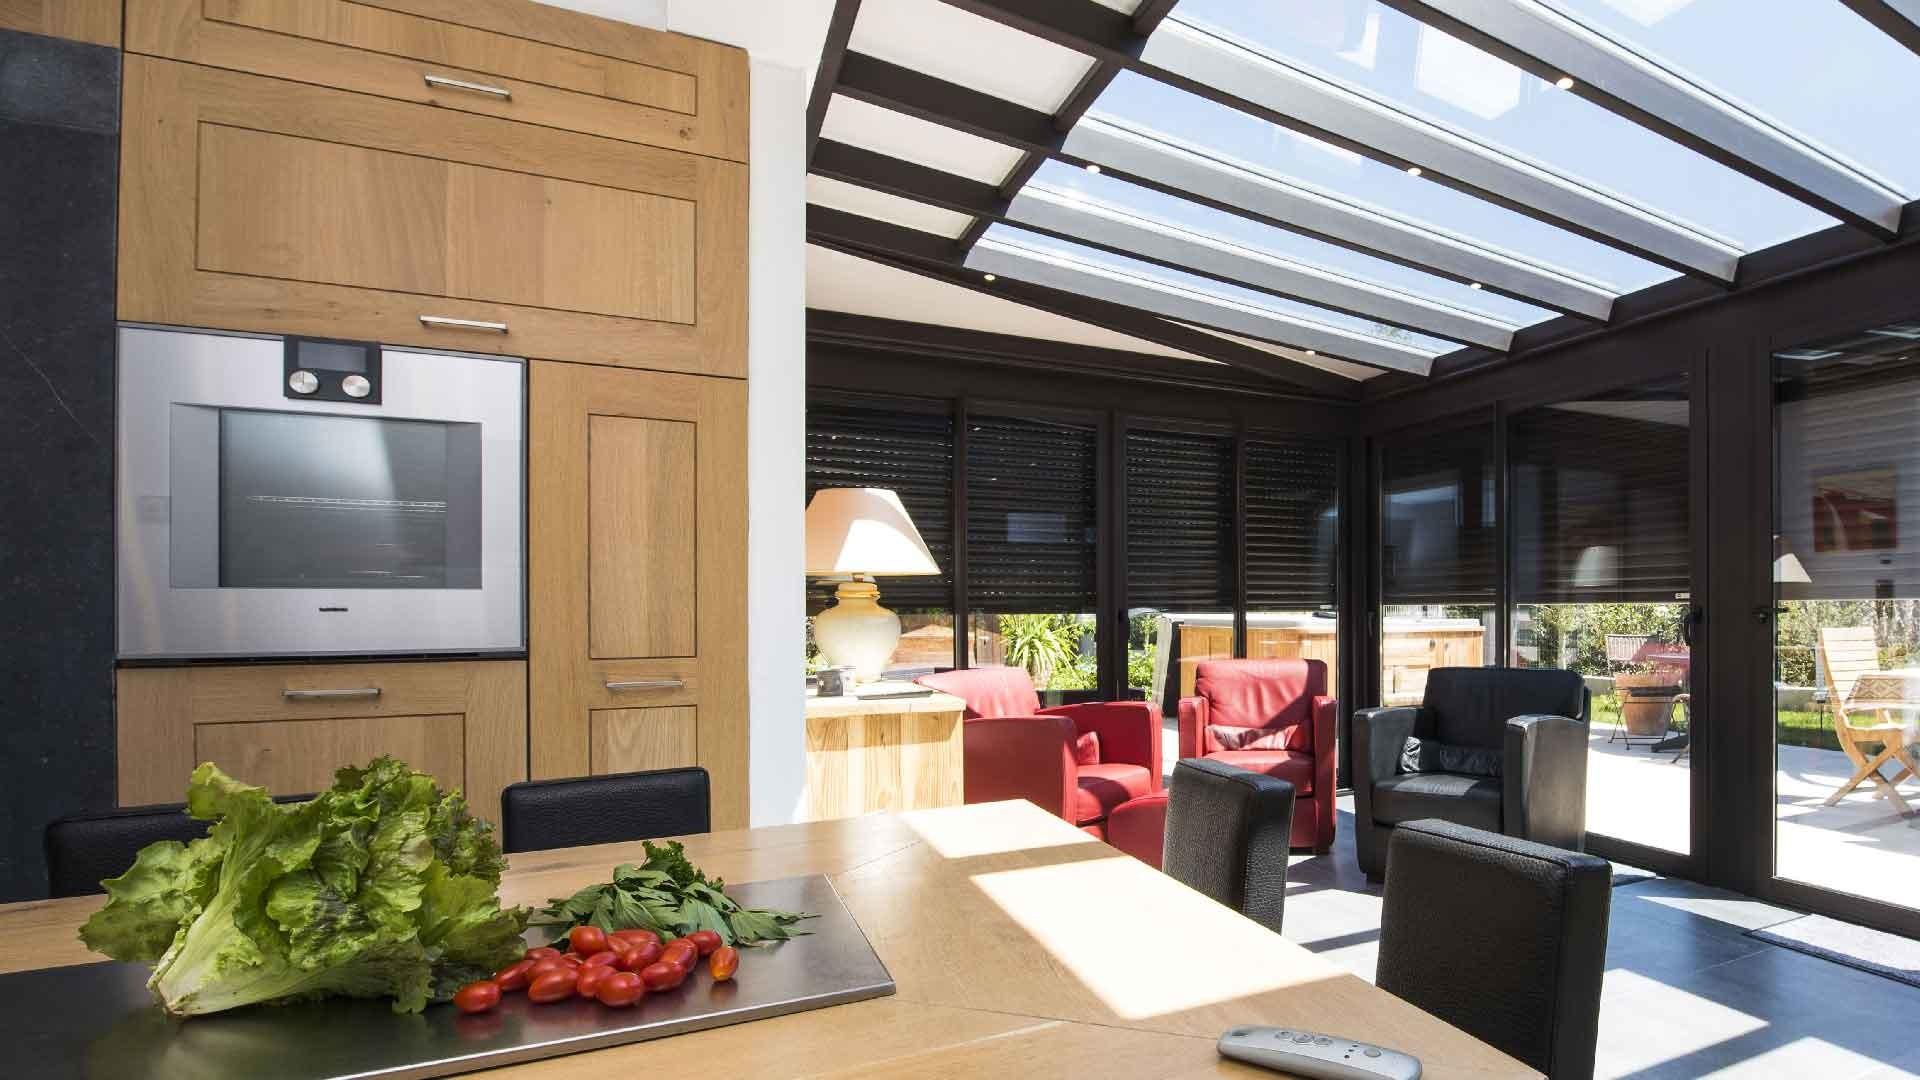 veranda-gris-anthracite-toit-vitre-leds-stores-salon-cuisine